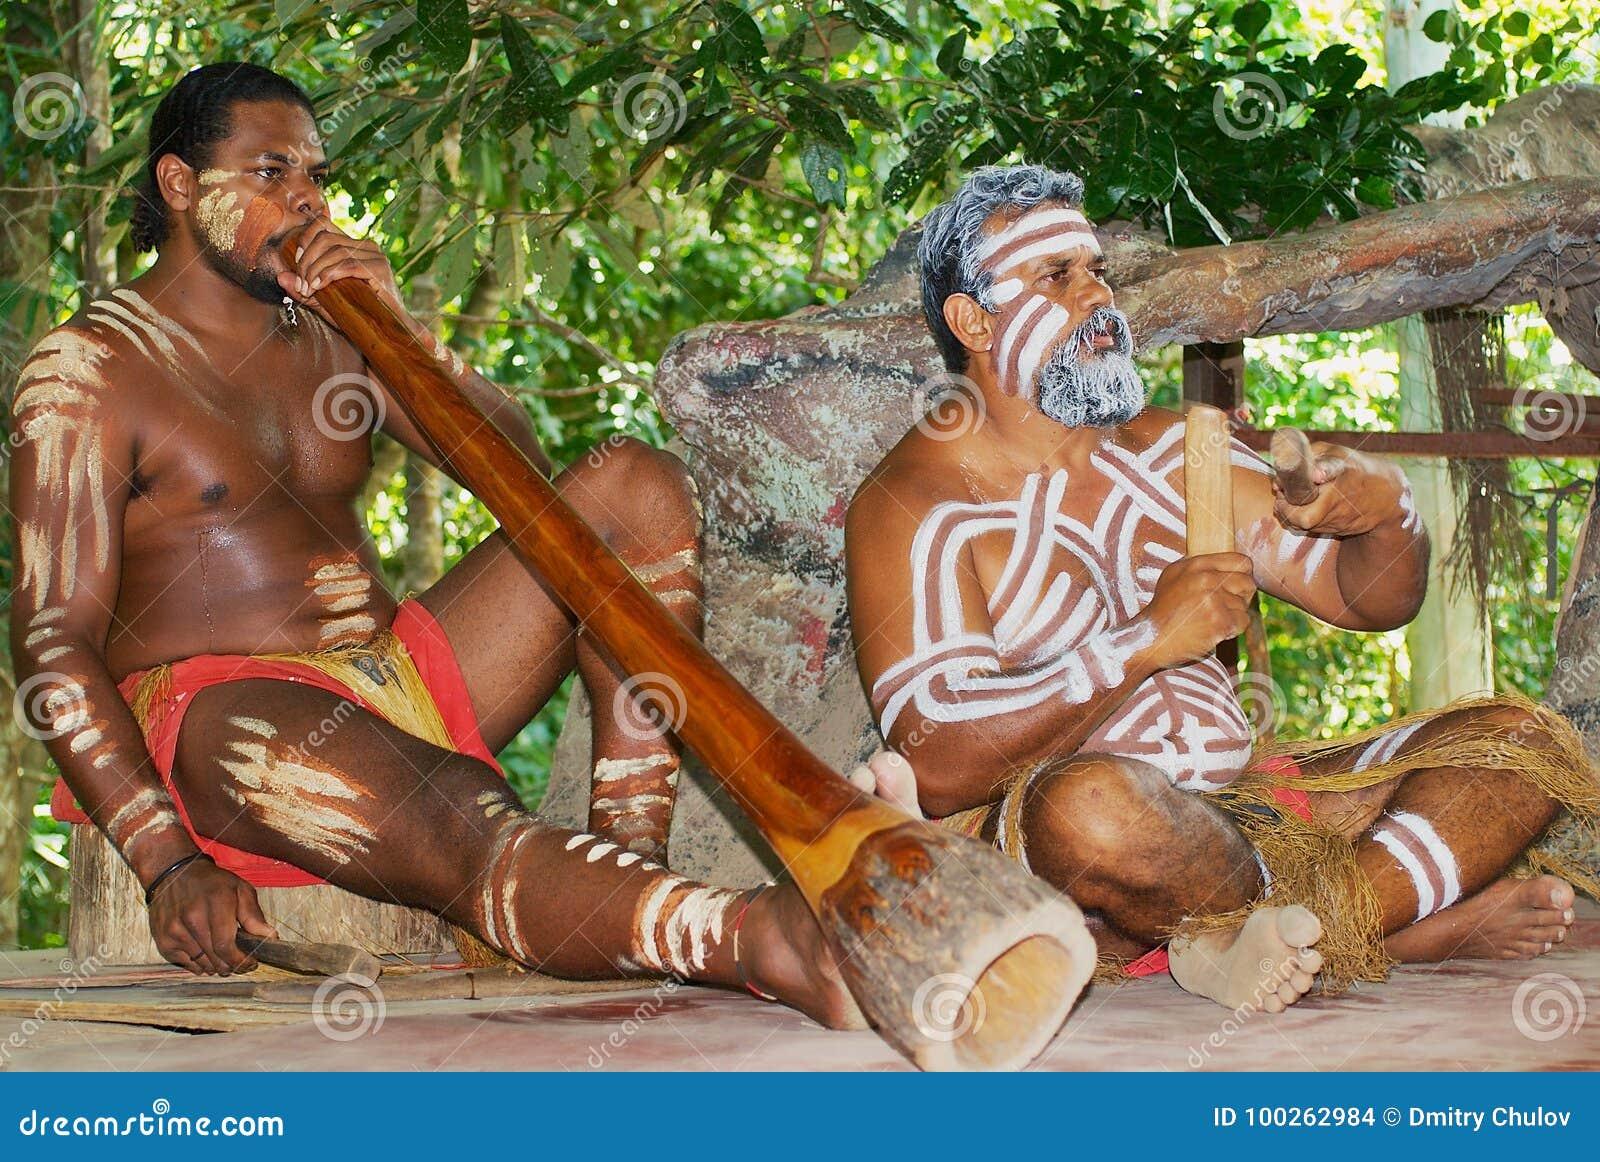 Os atores do aborígene executam a música com os instrumentos tradicionais no parque da cultura de Tjapukai em Kuranda, Queensland